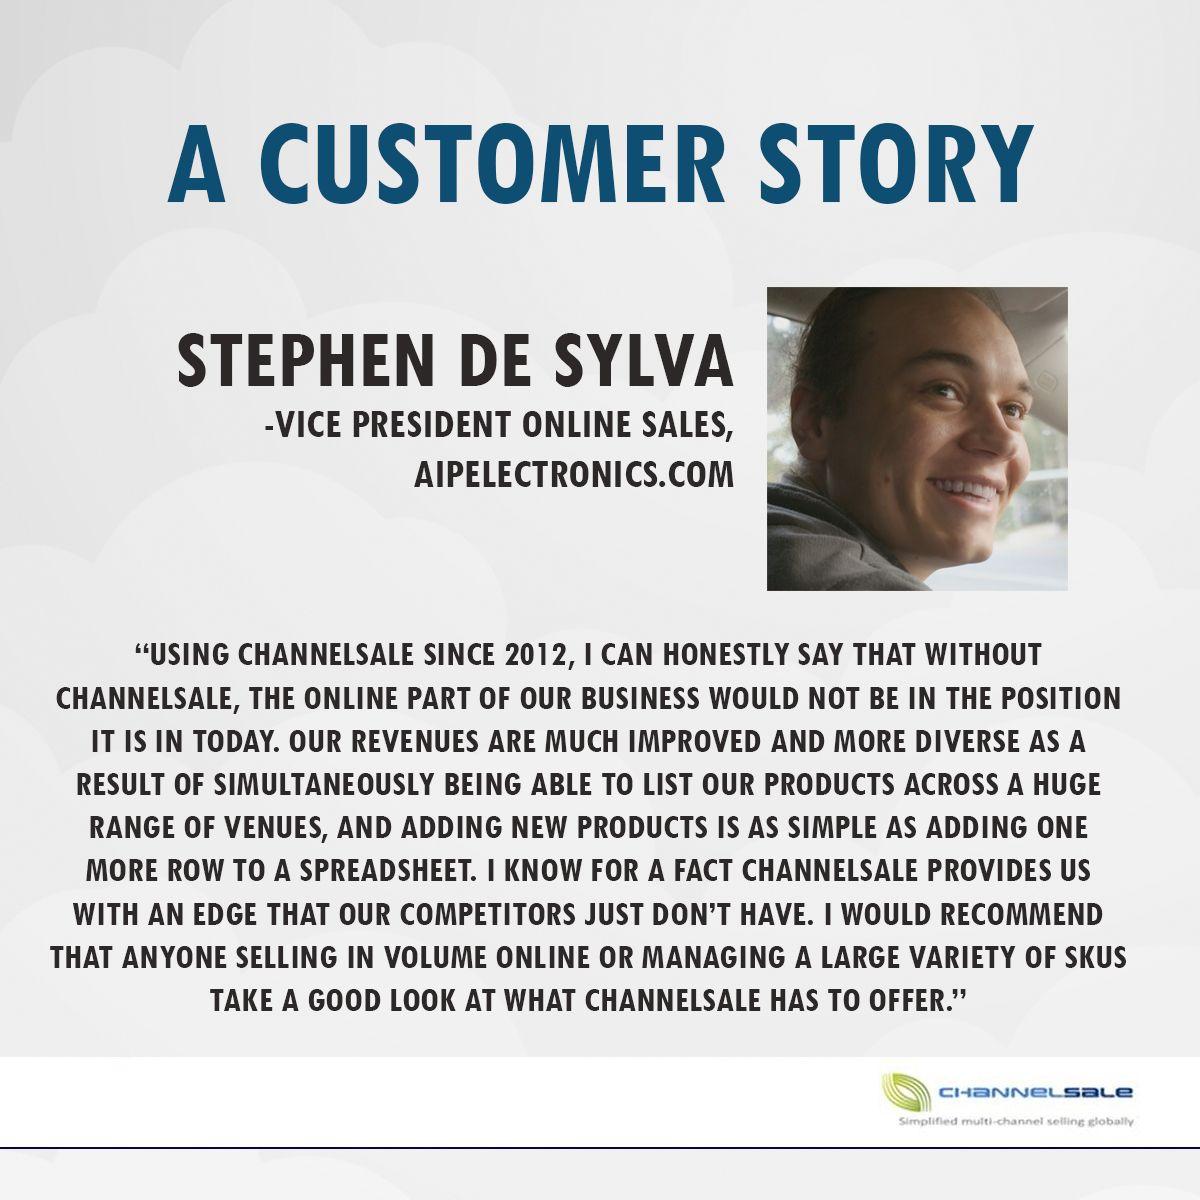 A customer story. Thank You Stephen de Sylva Vice